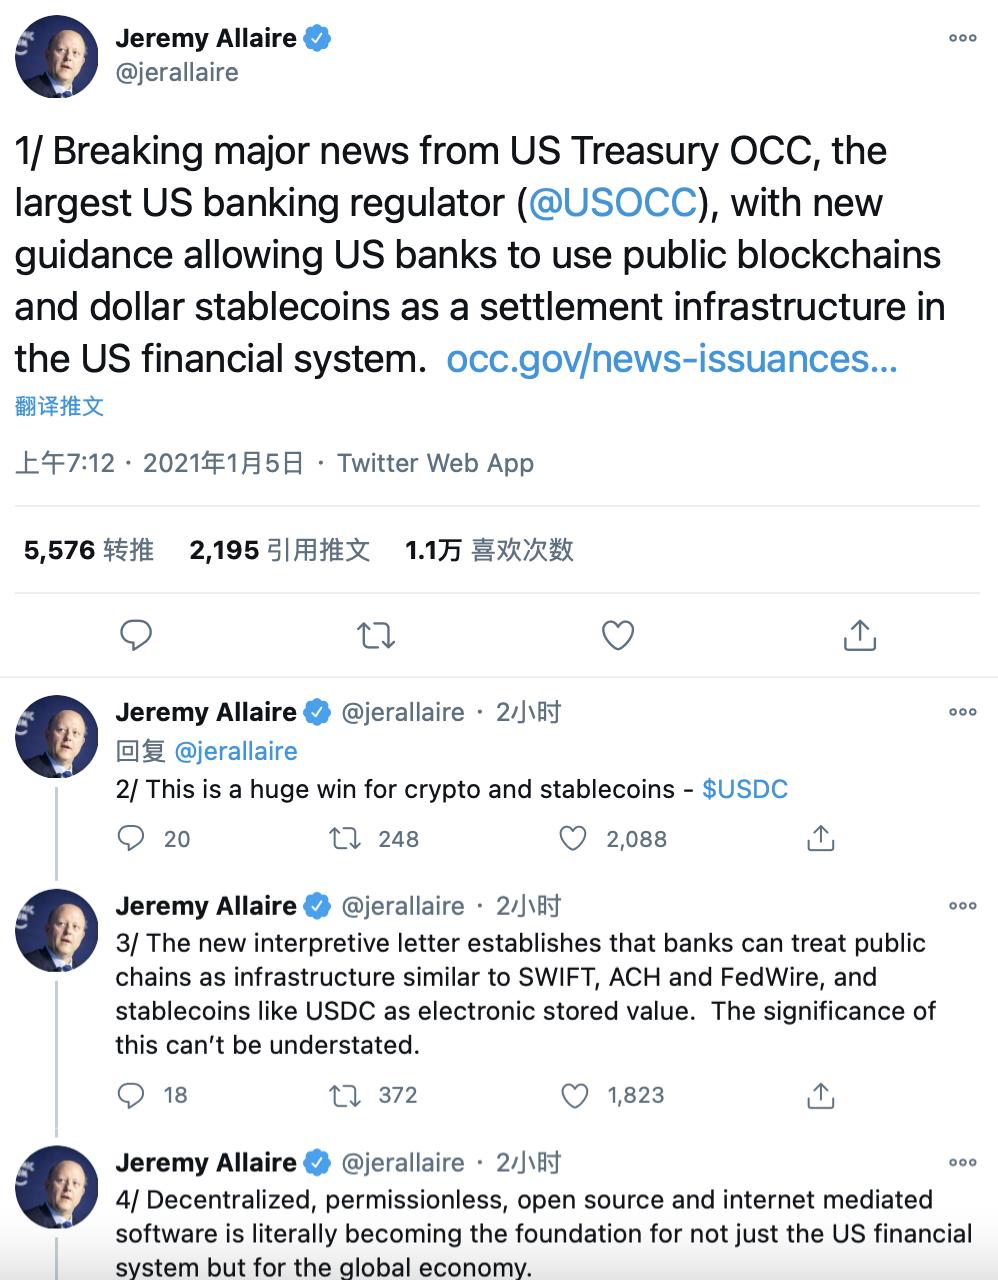 美国货币监理署(OCC):美国银行可以使用稳定币进行支付,甚至发行稳定币插图